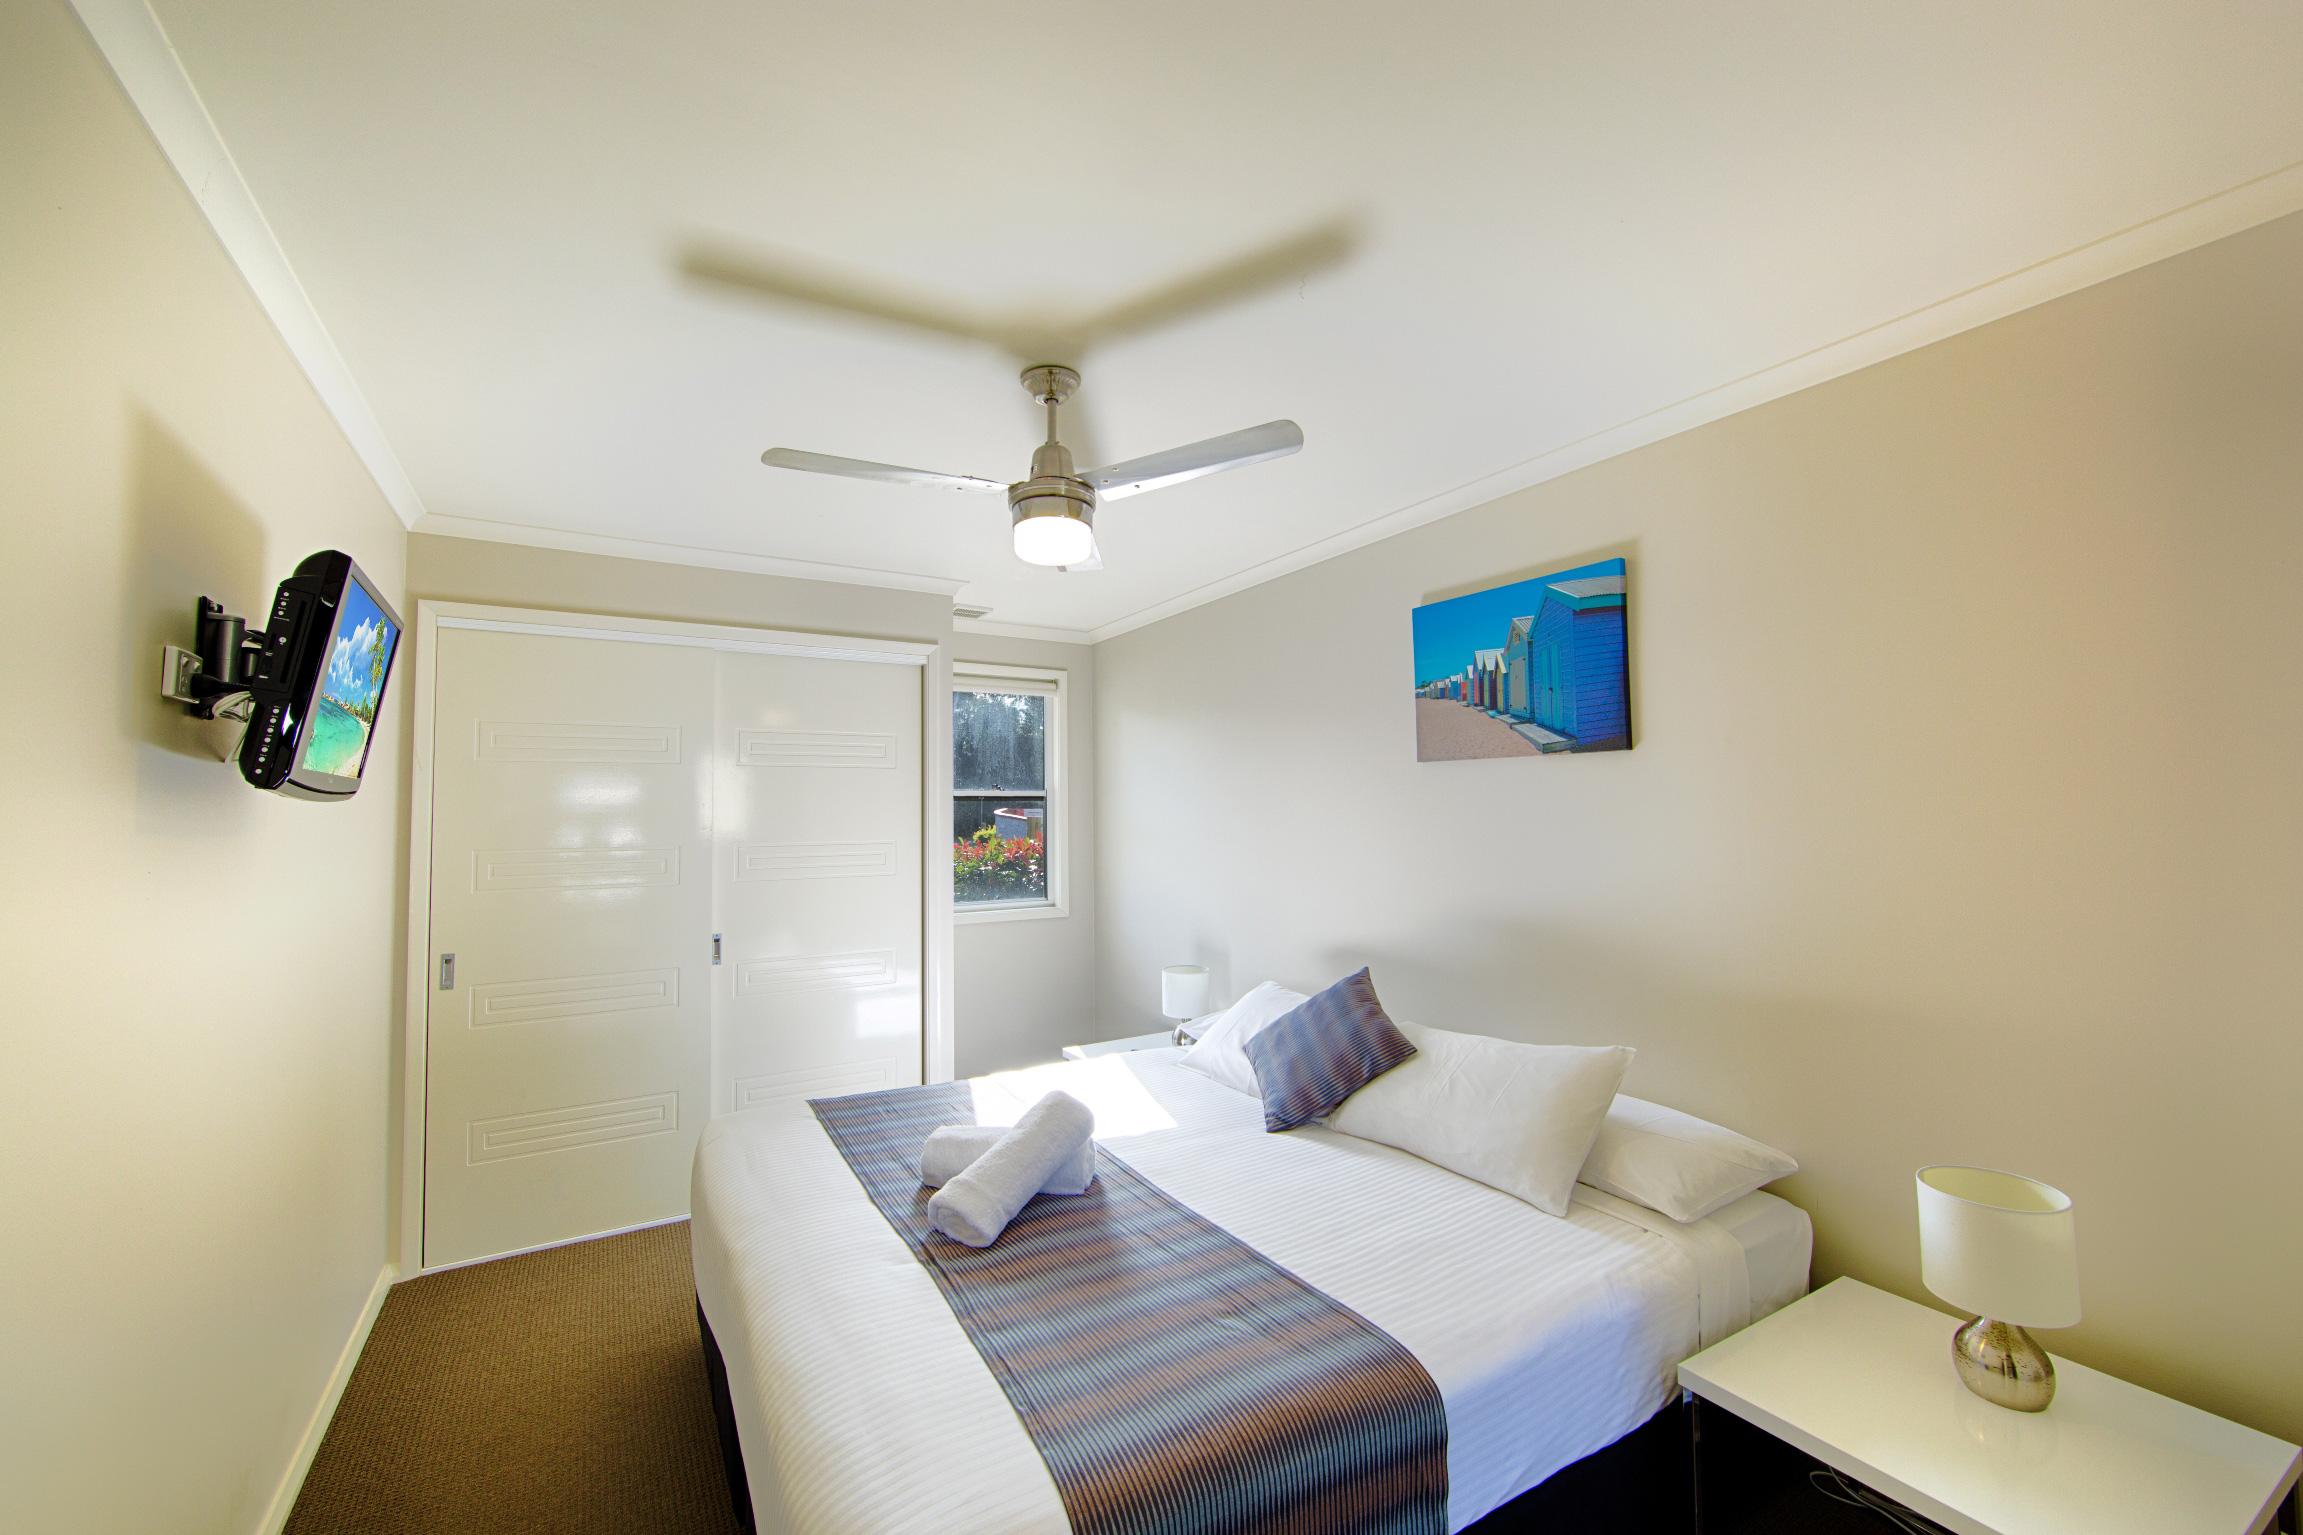 Apartment-Pic-4-main-bed.jpg